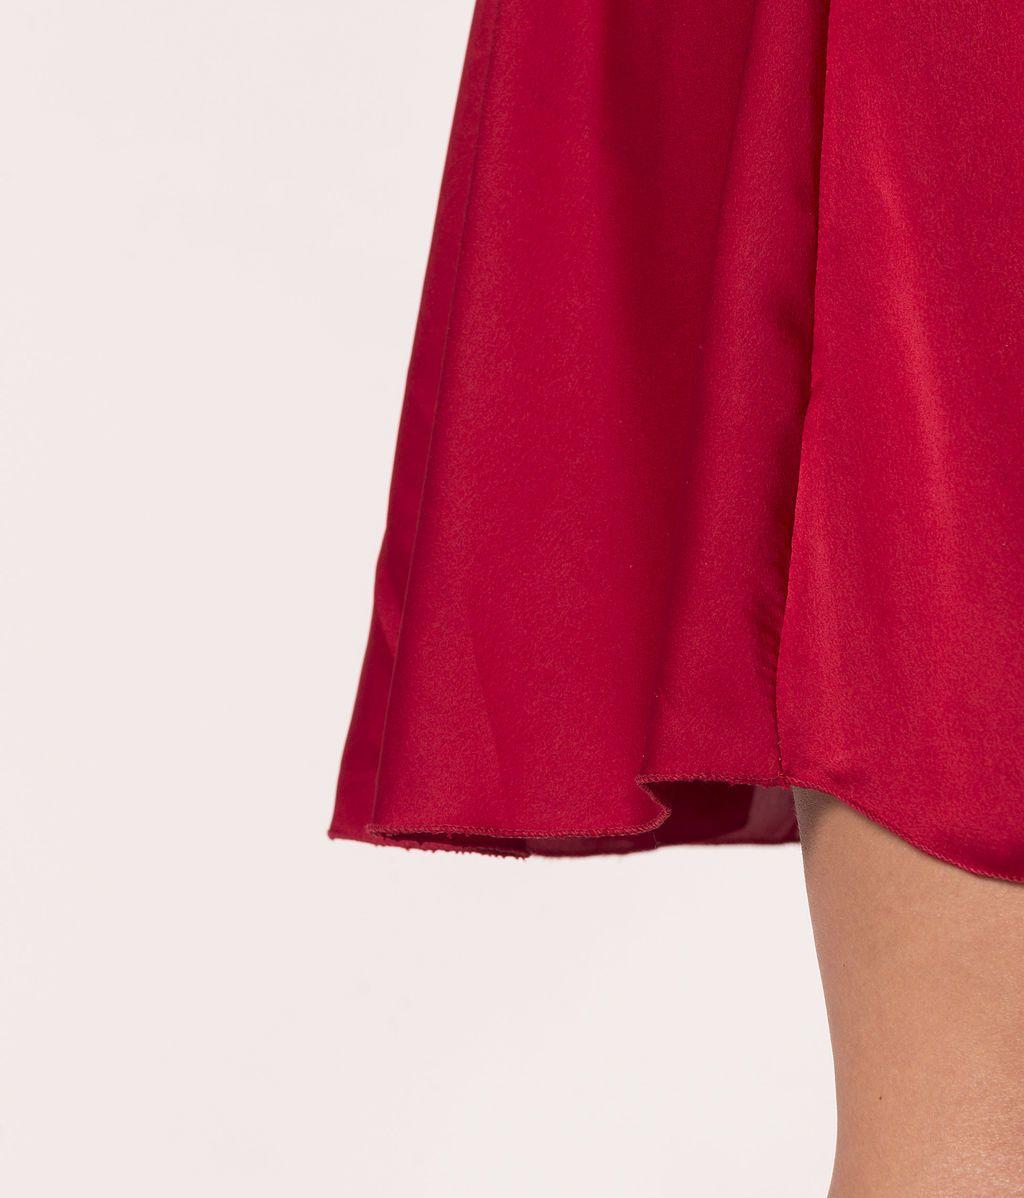 Una falda roja: Nueva pista de la concursante de 'GH VIP 7' que se desvelará este sábado